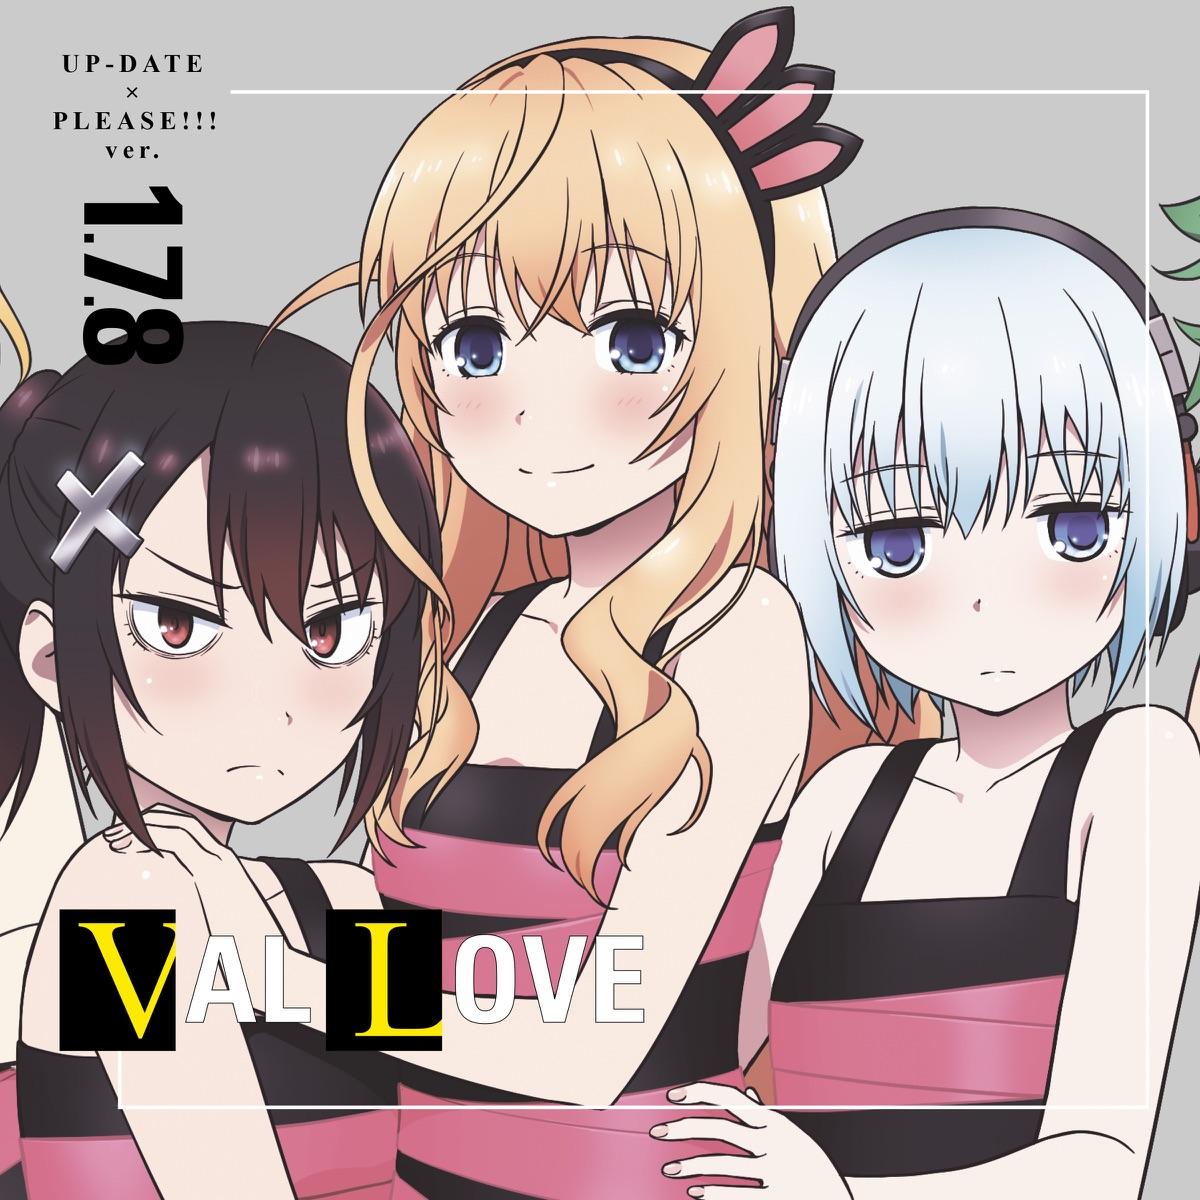 『9姉妹 - UP-DATE × PLEASE!!!』収録の『UP-DATE × PLEASE!!! ver 1.7.8』ジャケット